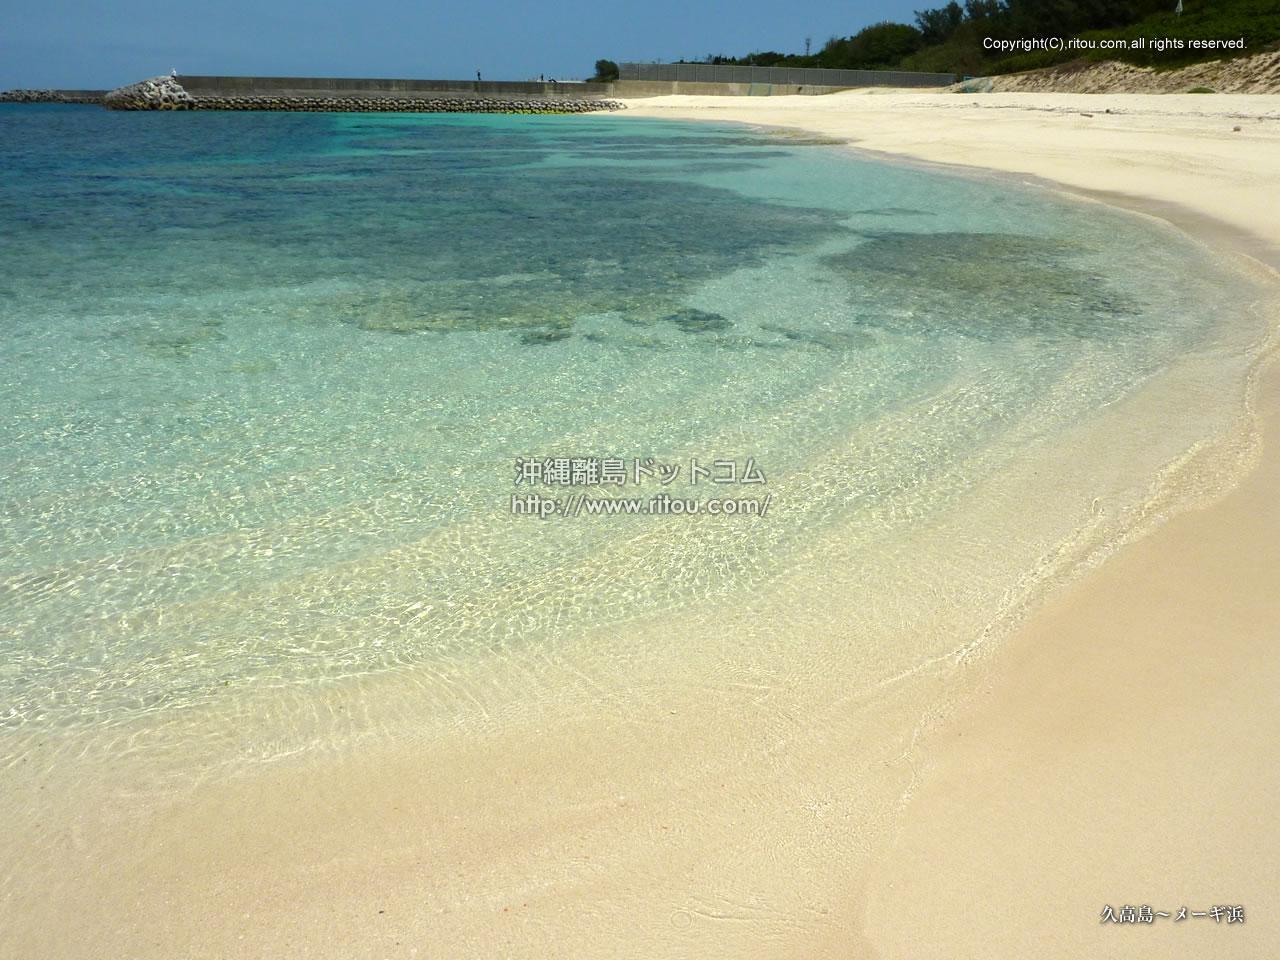 久高島〜メーギ浜